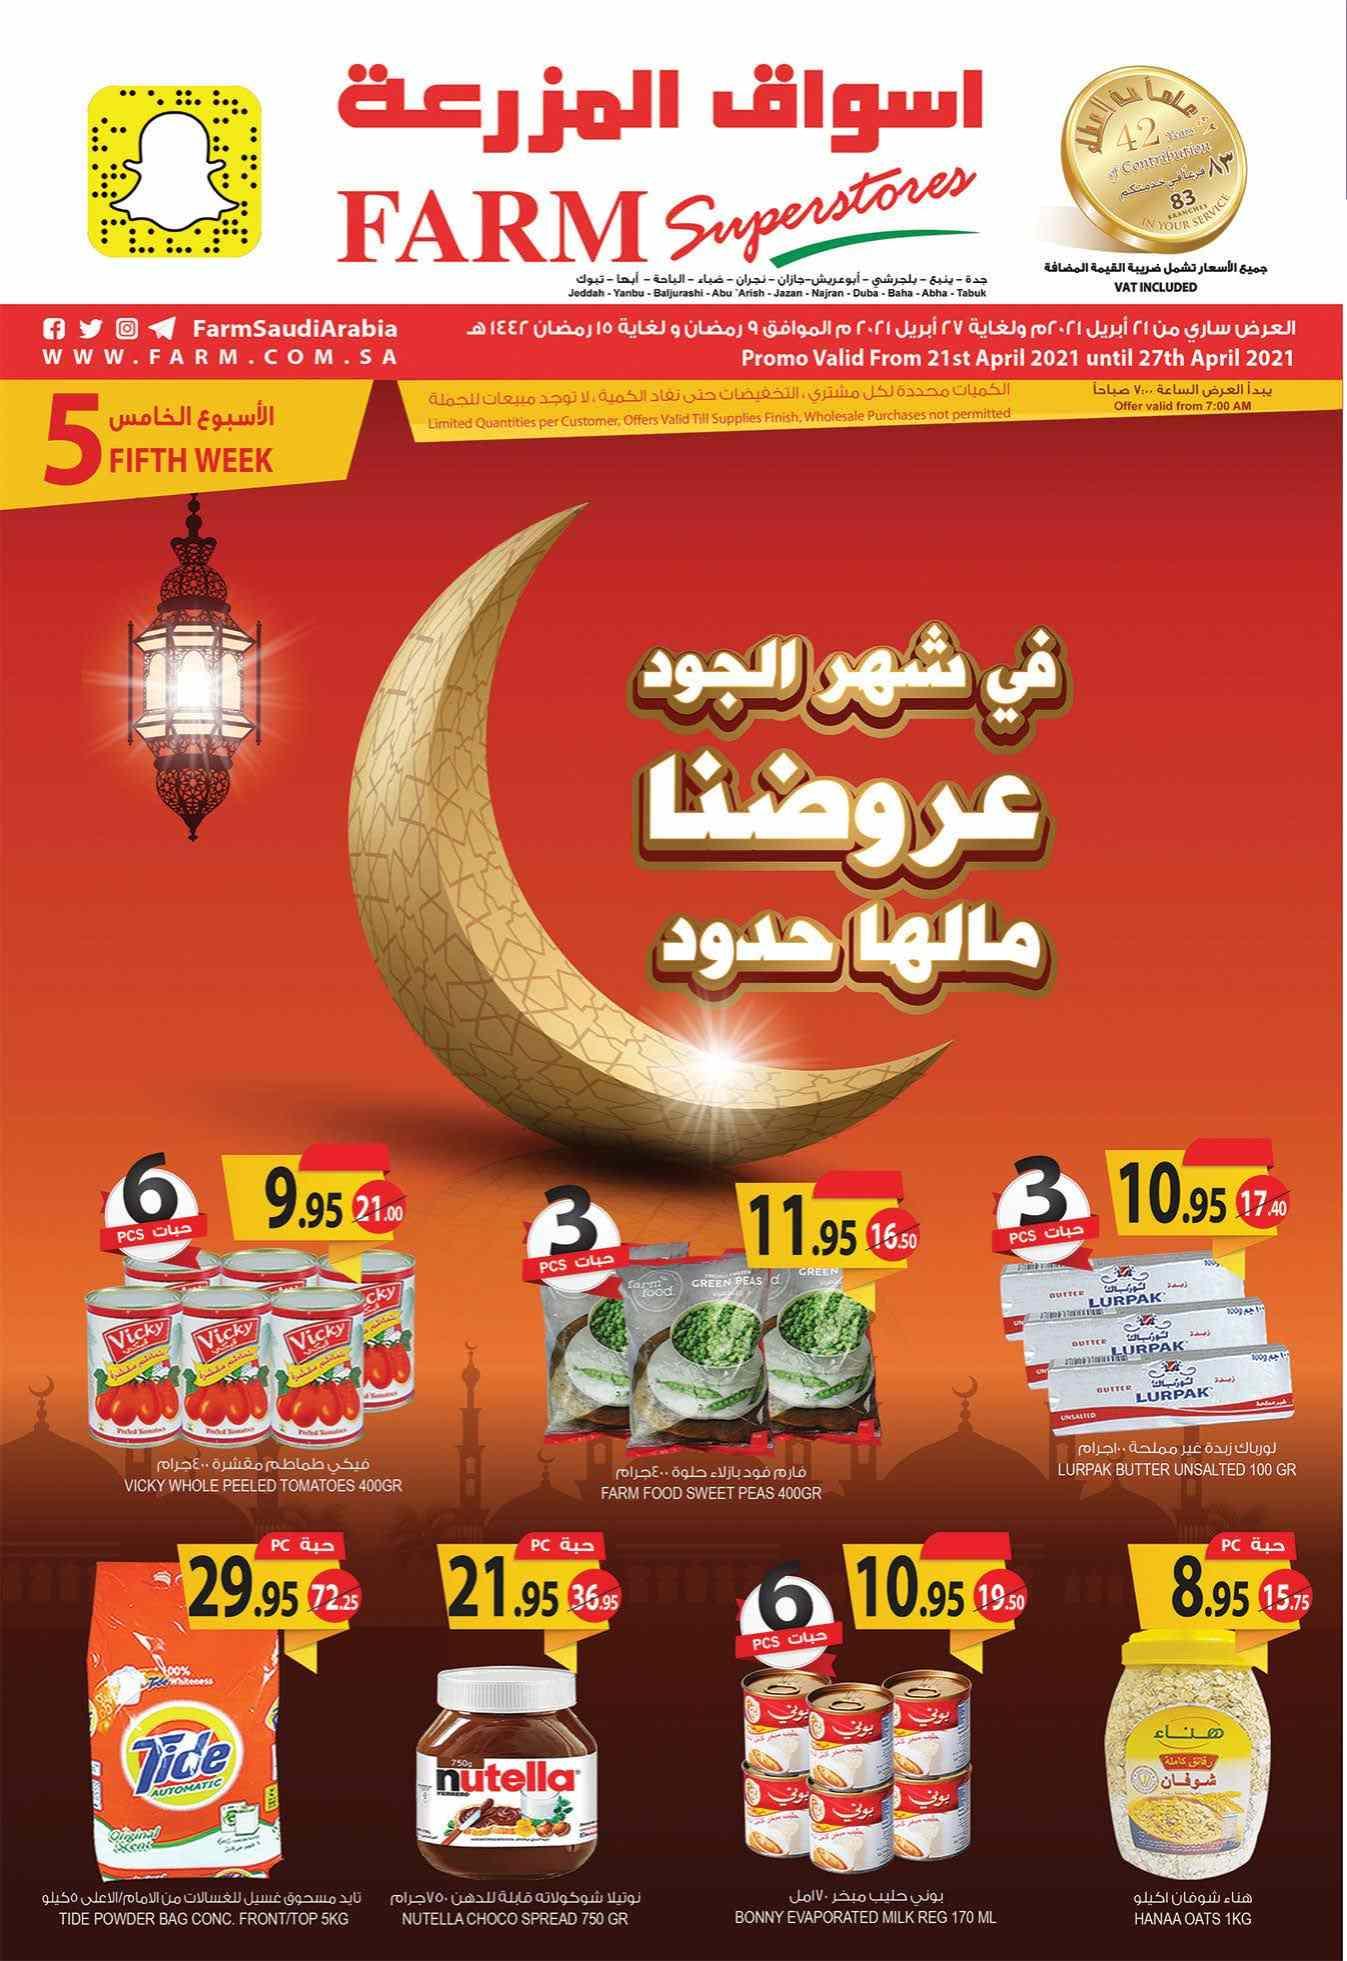 عروض اسواق المزرعة جدة و الجنوبية من 21 ابريل حتى 27 ابريل 2021 عروض رمضان